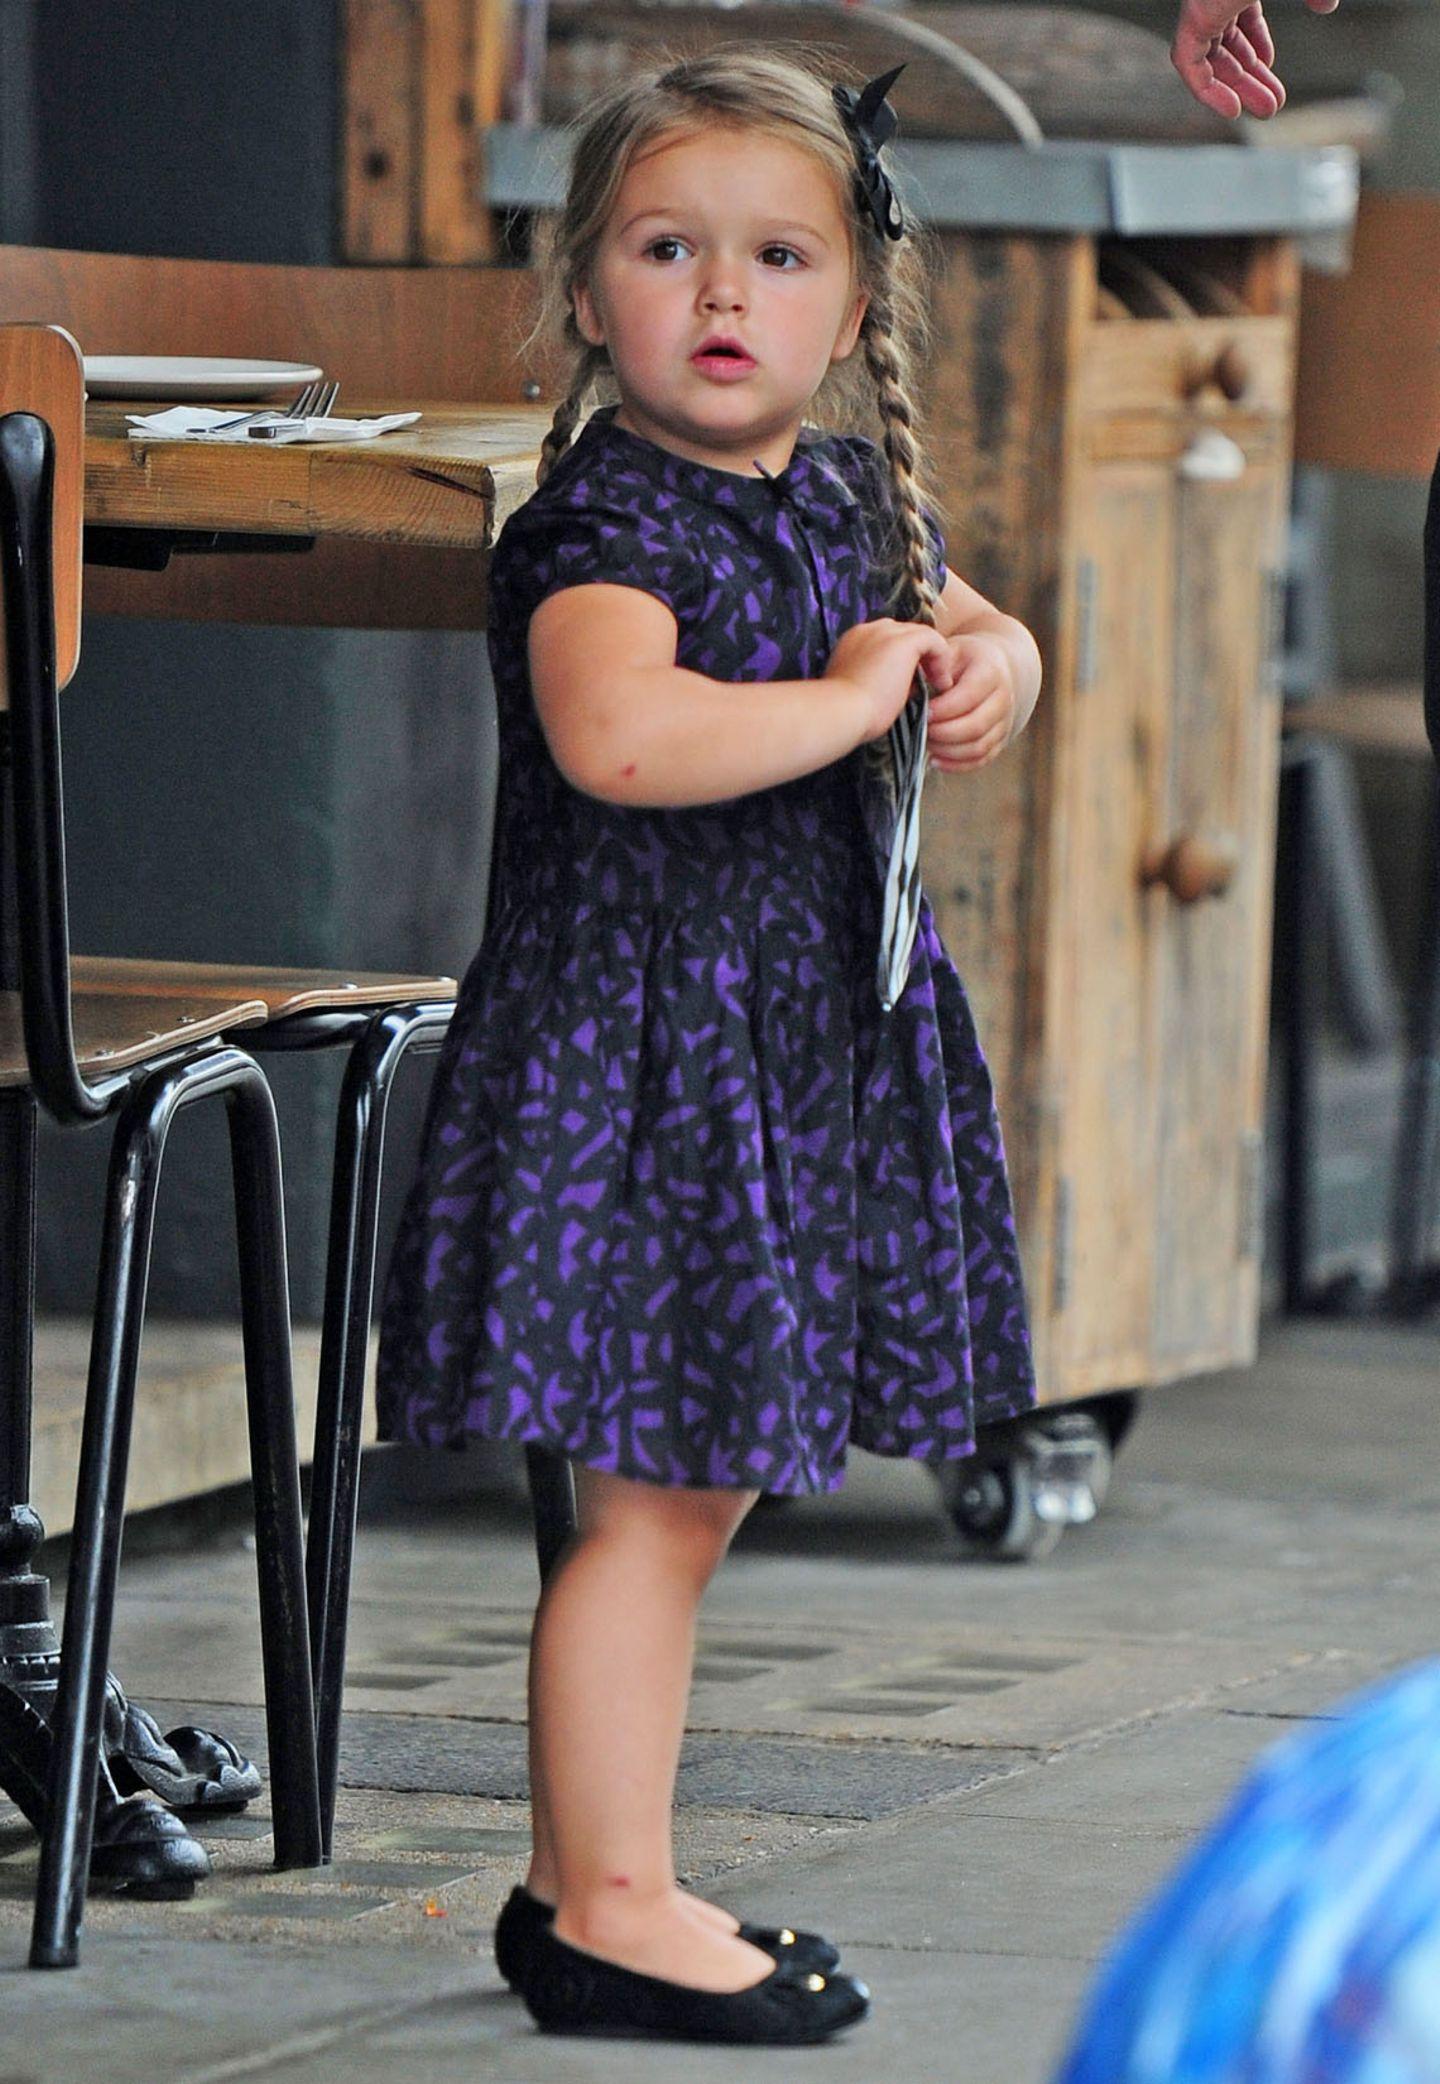 Wem würde beim Anblick der kleinen Harper Beckham im schicken schwarz-lila Kleidchen, Ballerinas und ihrer neuen Lieblingfrisur, Zöpfe mit Schleifchen nicht das Herz aufgehen. Unseres jedenfalls ist ganz weit offen.